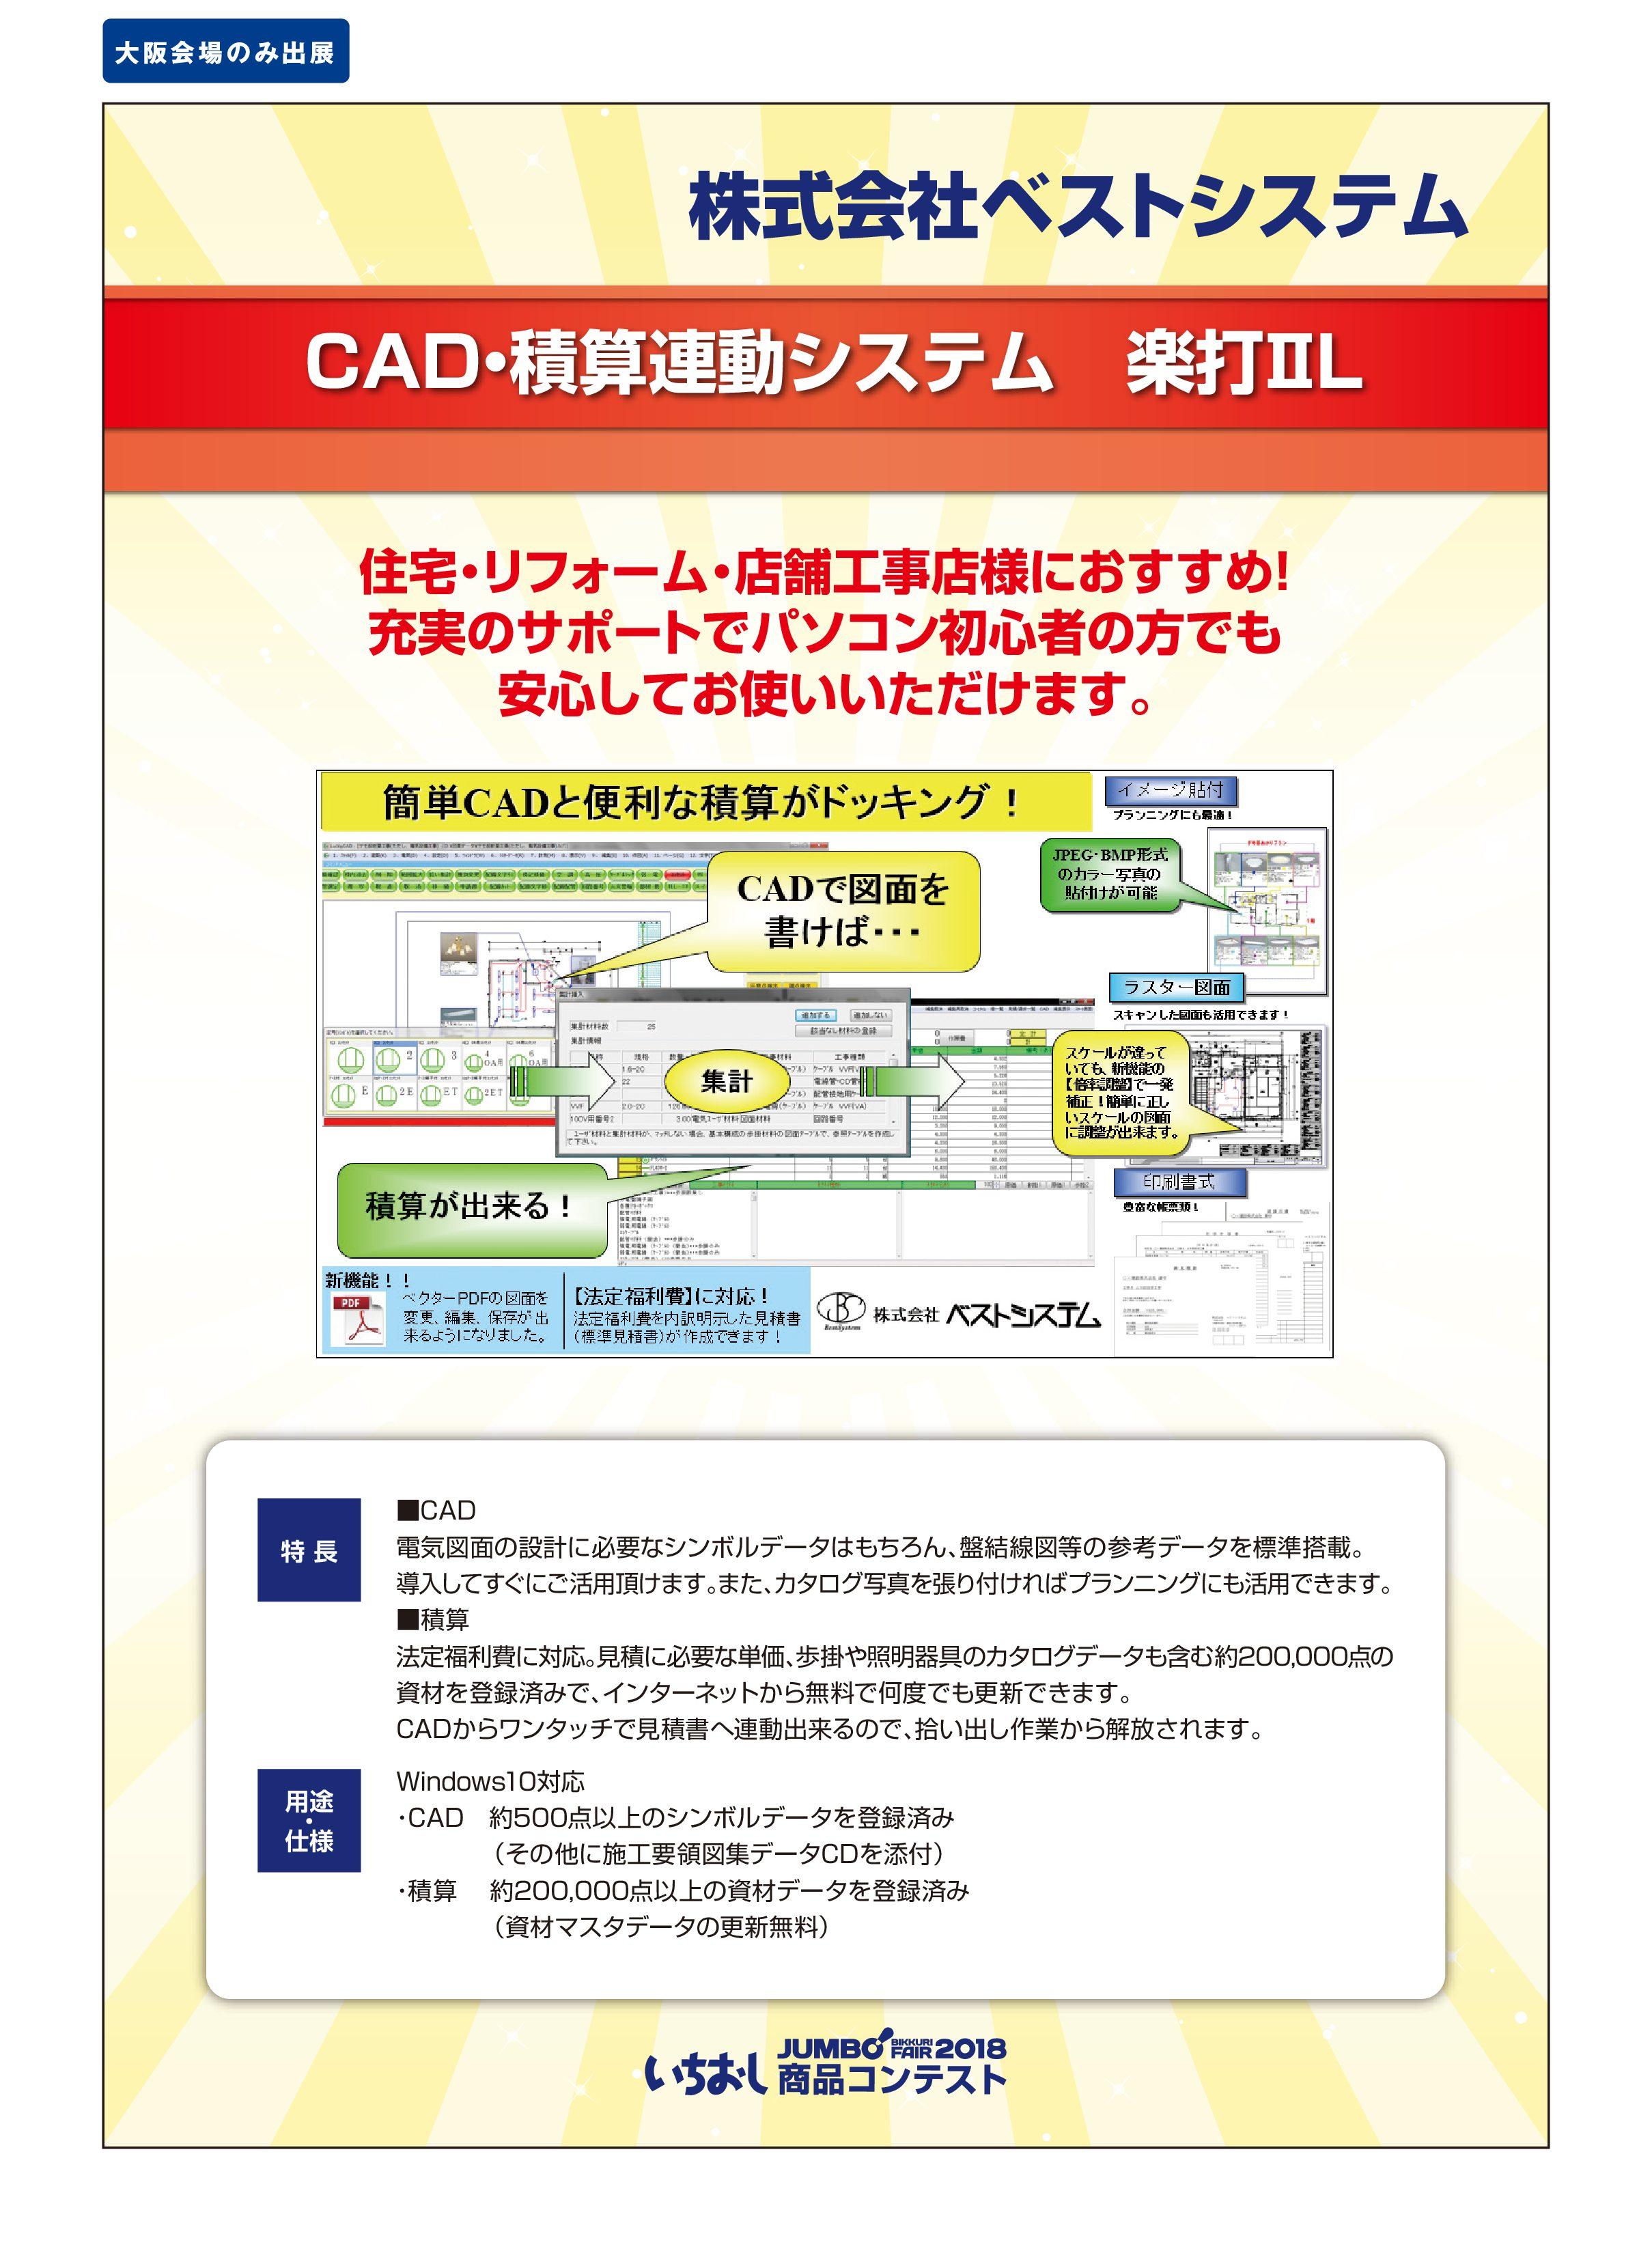 「CAD・積算連動システム 楽打ⅡL」株式会社ベストシステムの画像